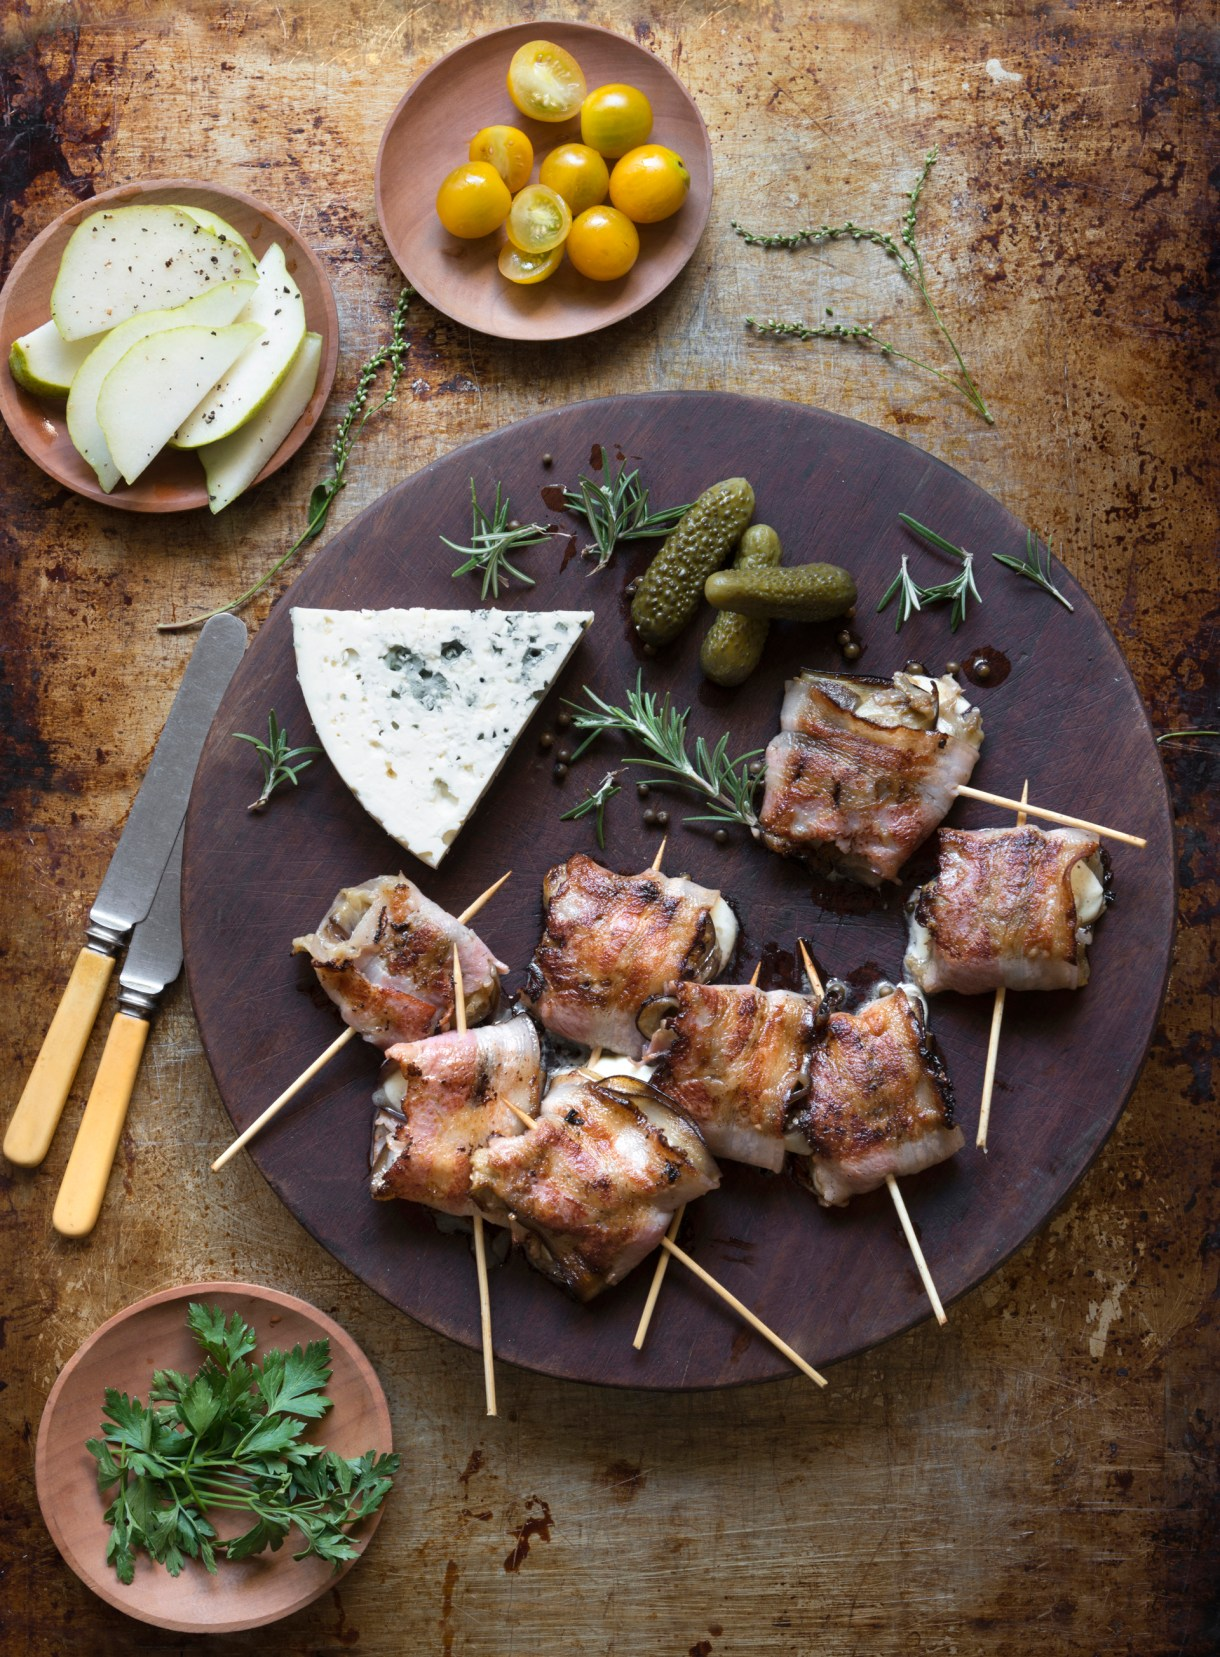 Servirlo con queso roquefort, pepinillos y hojas de romero para decorar la tabla